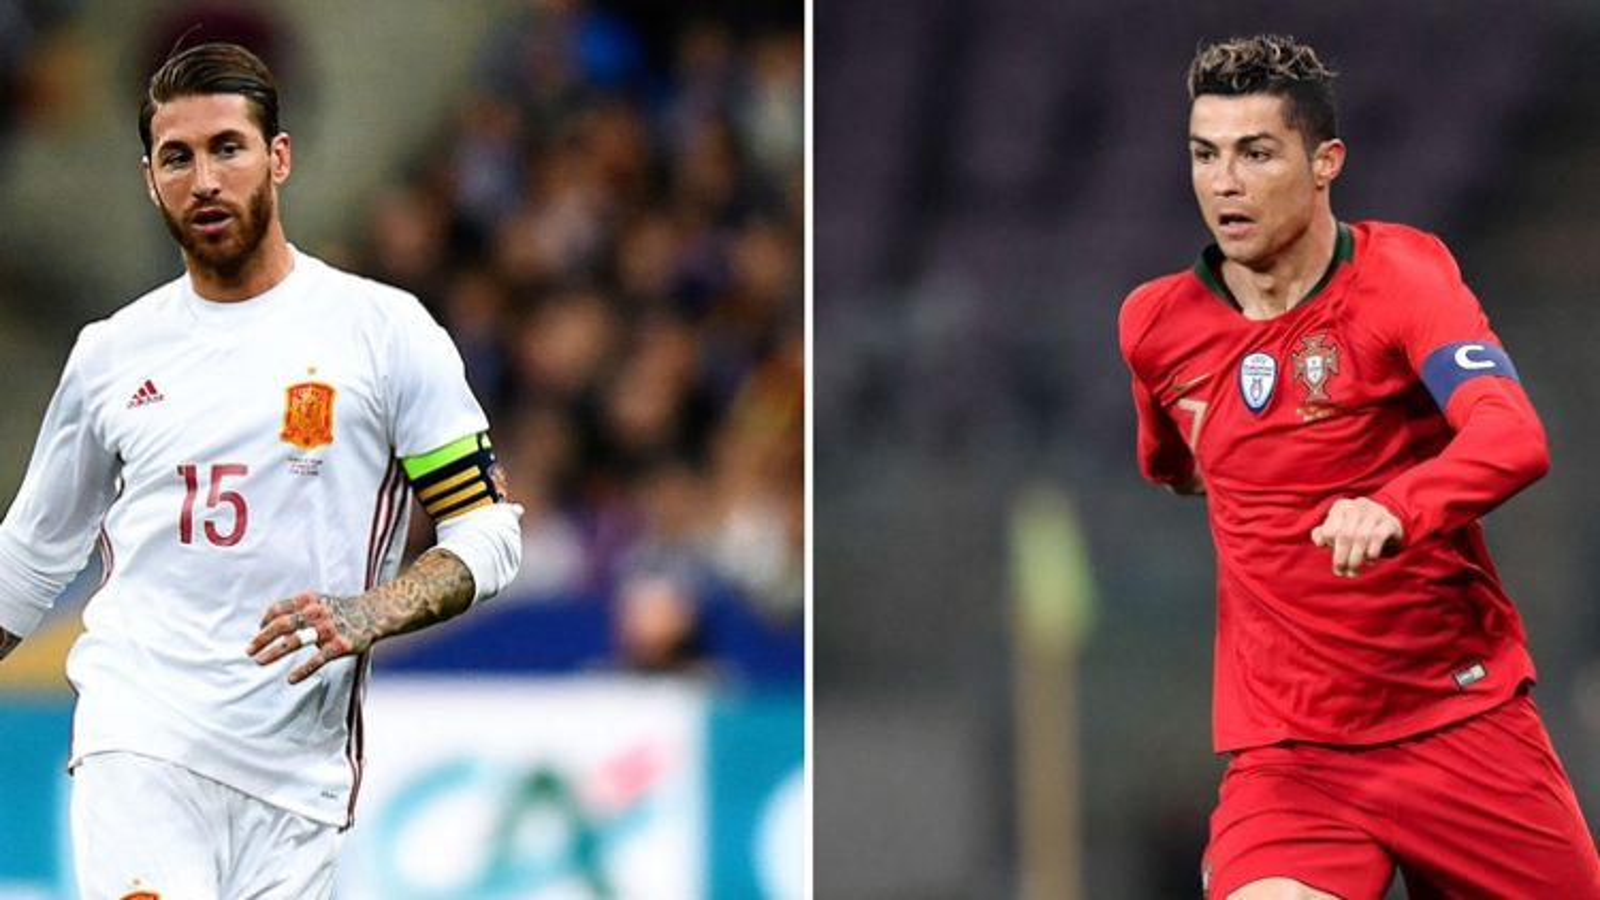 Top 10 siêu sao có trên 100 trận đấu cho đội tuyển quốc gia